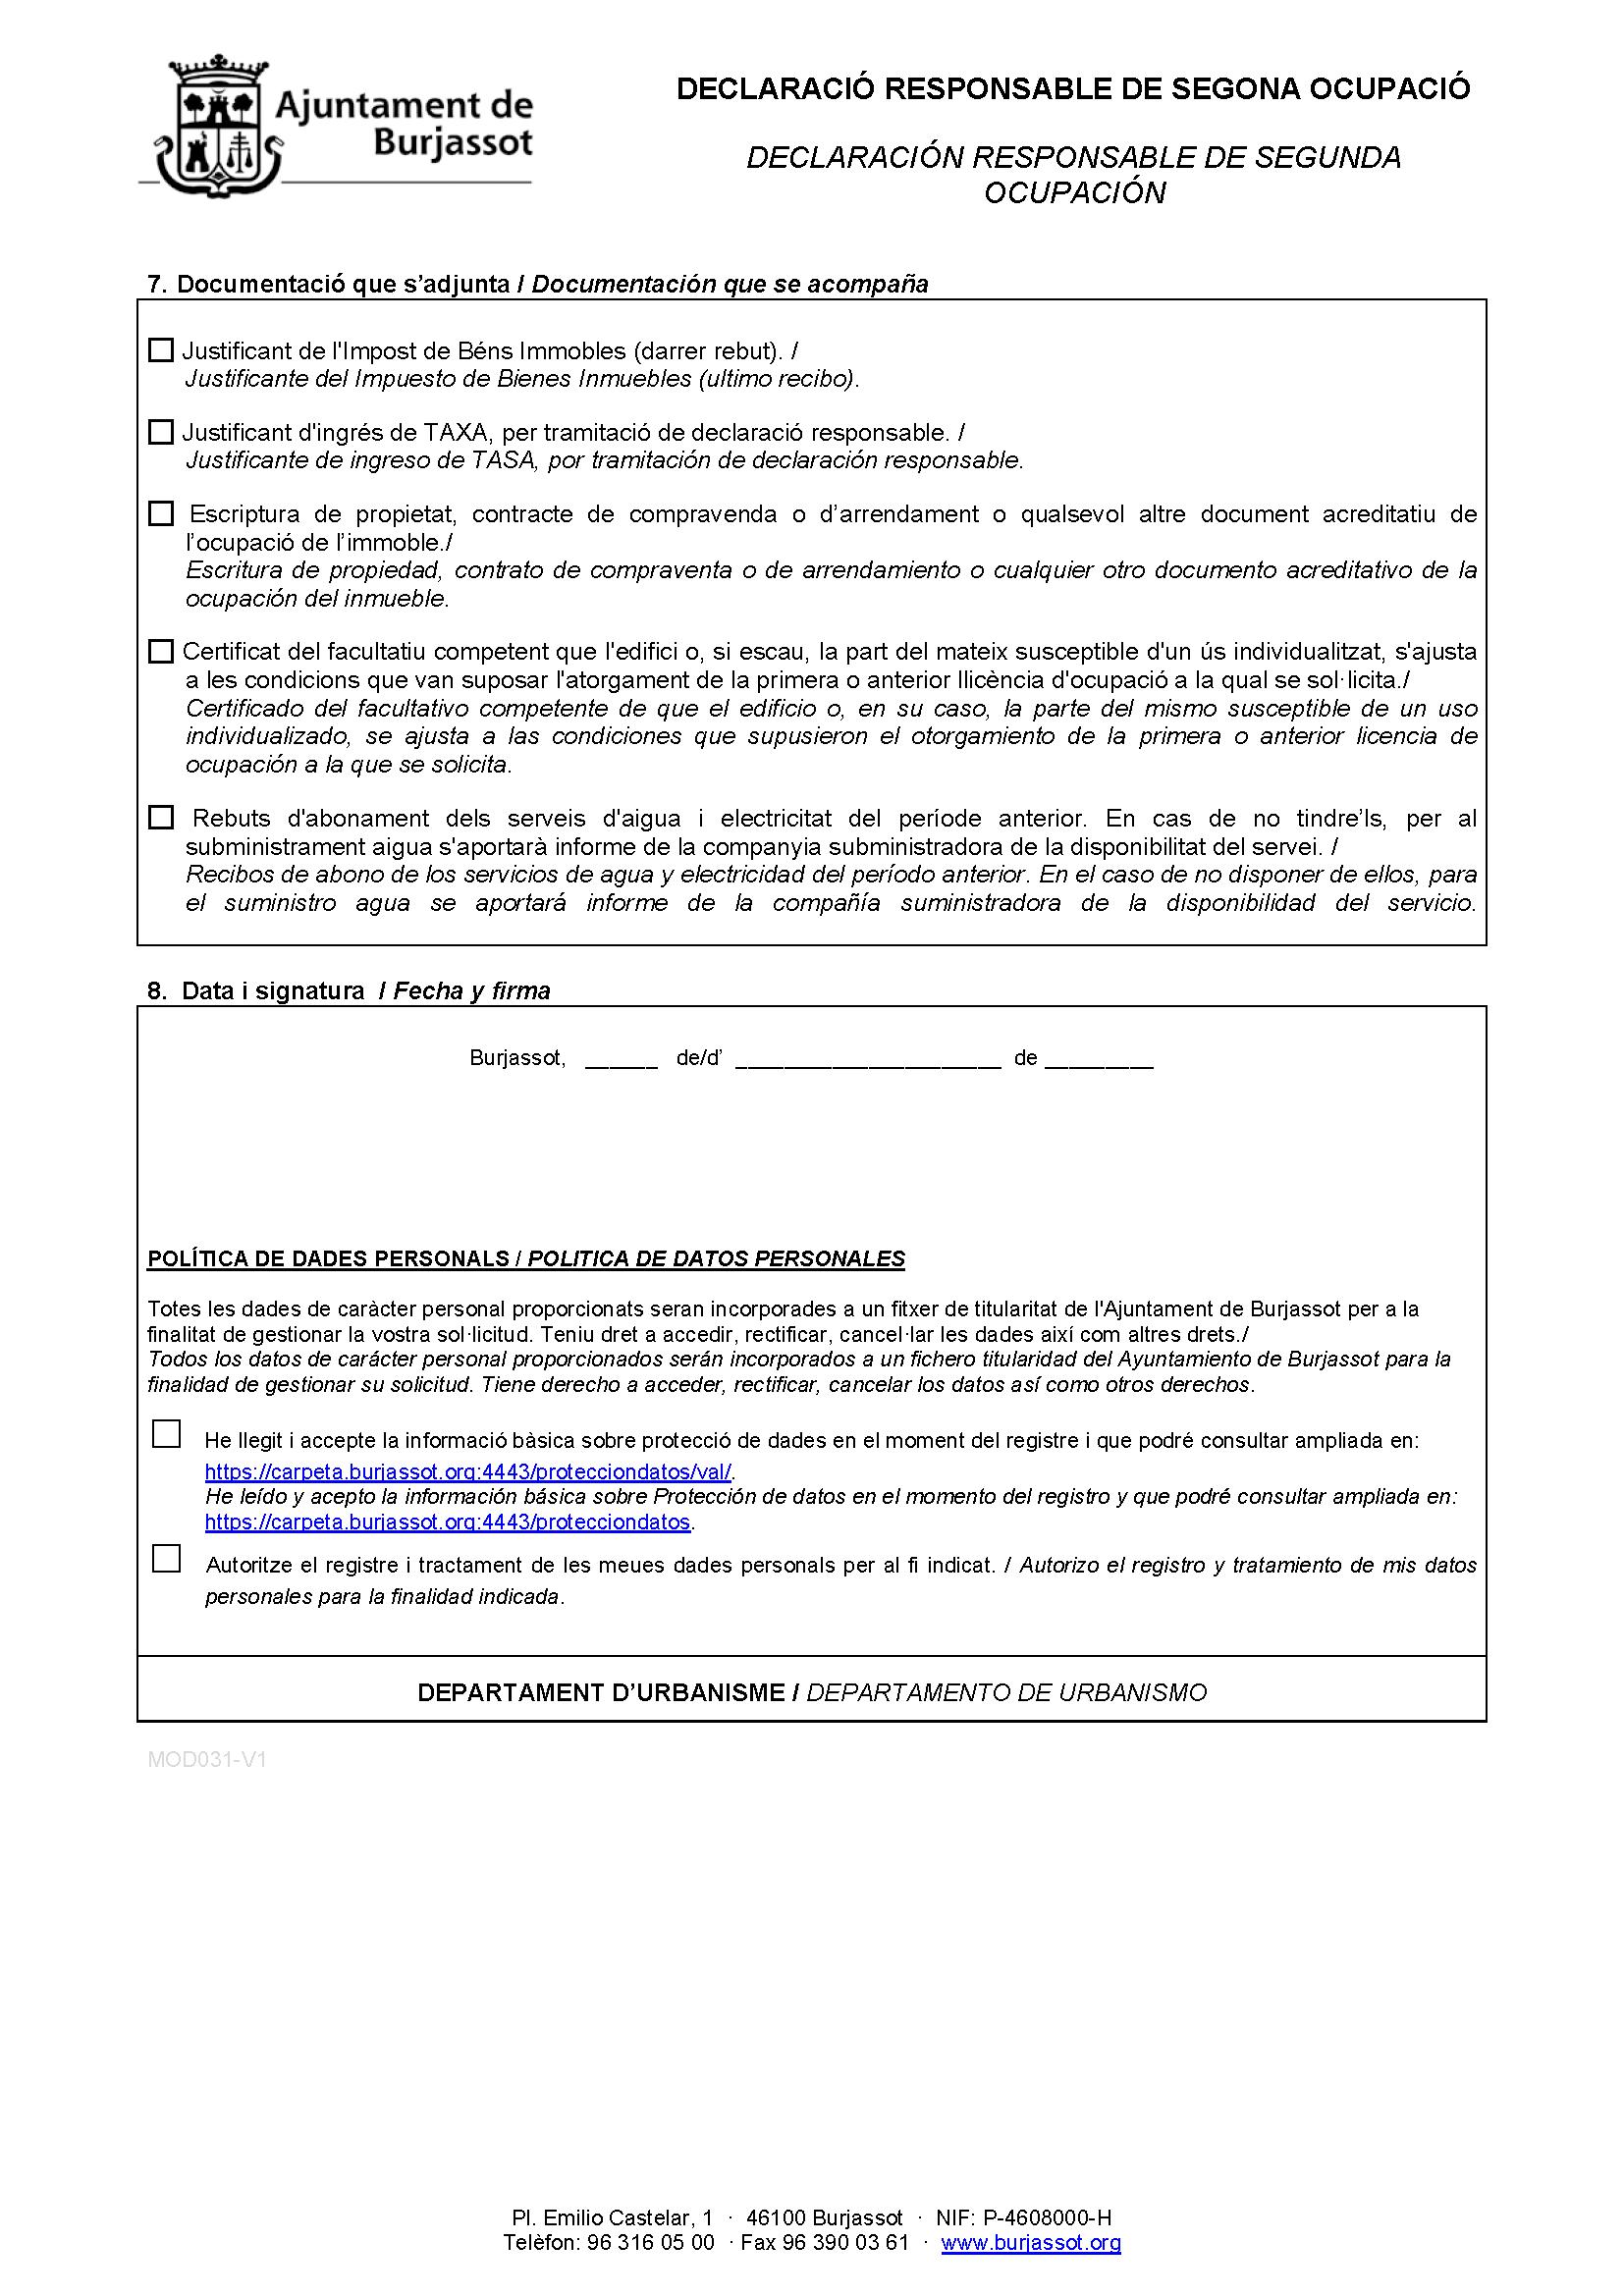 Impreso Declaración Responsable Segunda Ocupación - Burjassot